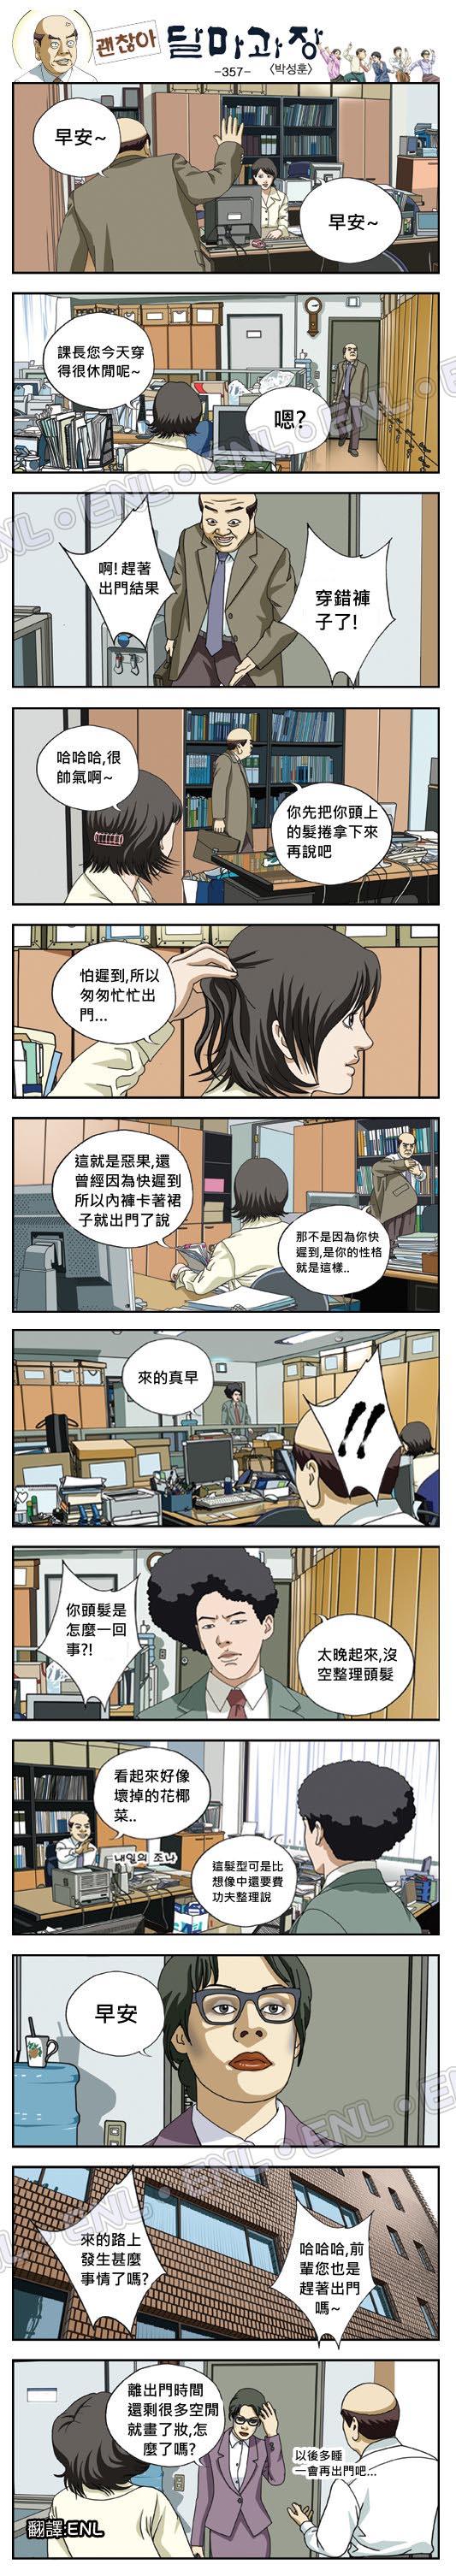 達摩課長 357 – 辦公室怎麼一早就是災難?!韓主任你的臉..發生了甚麼事嗎?!-0